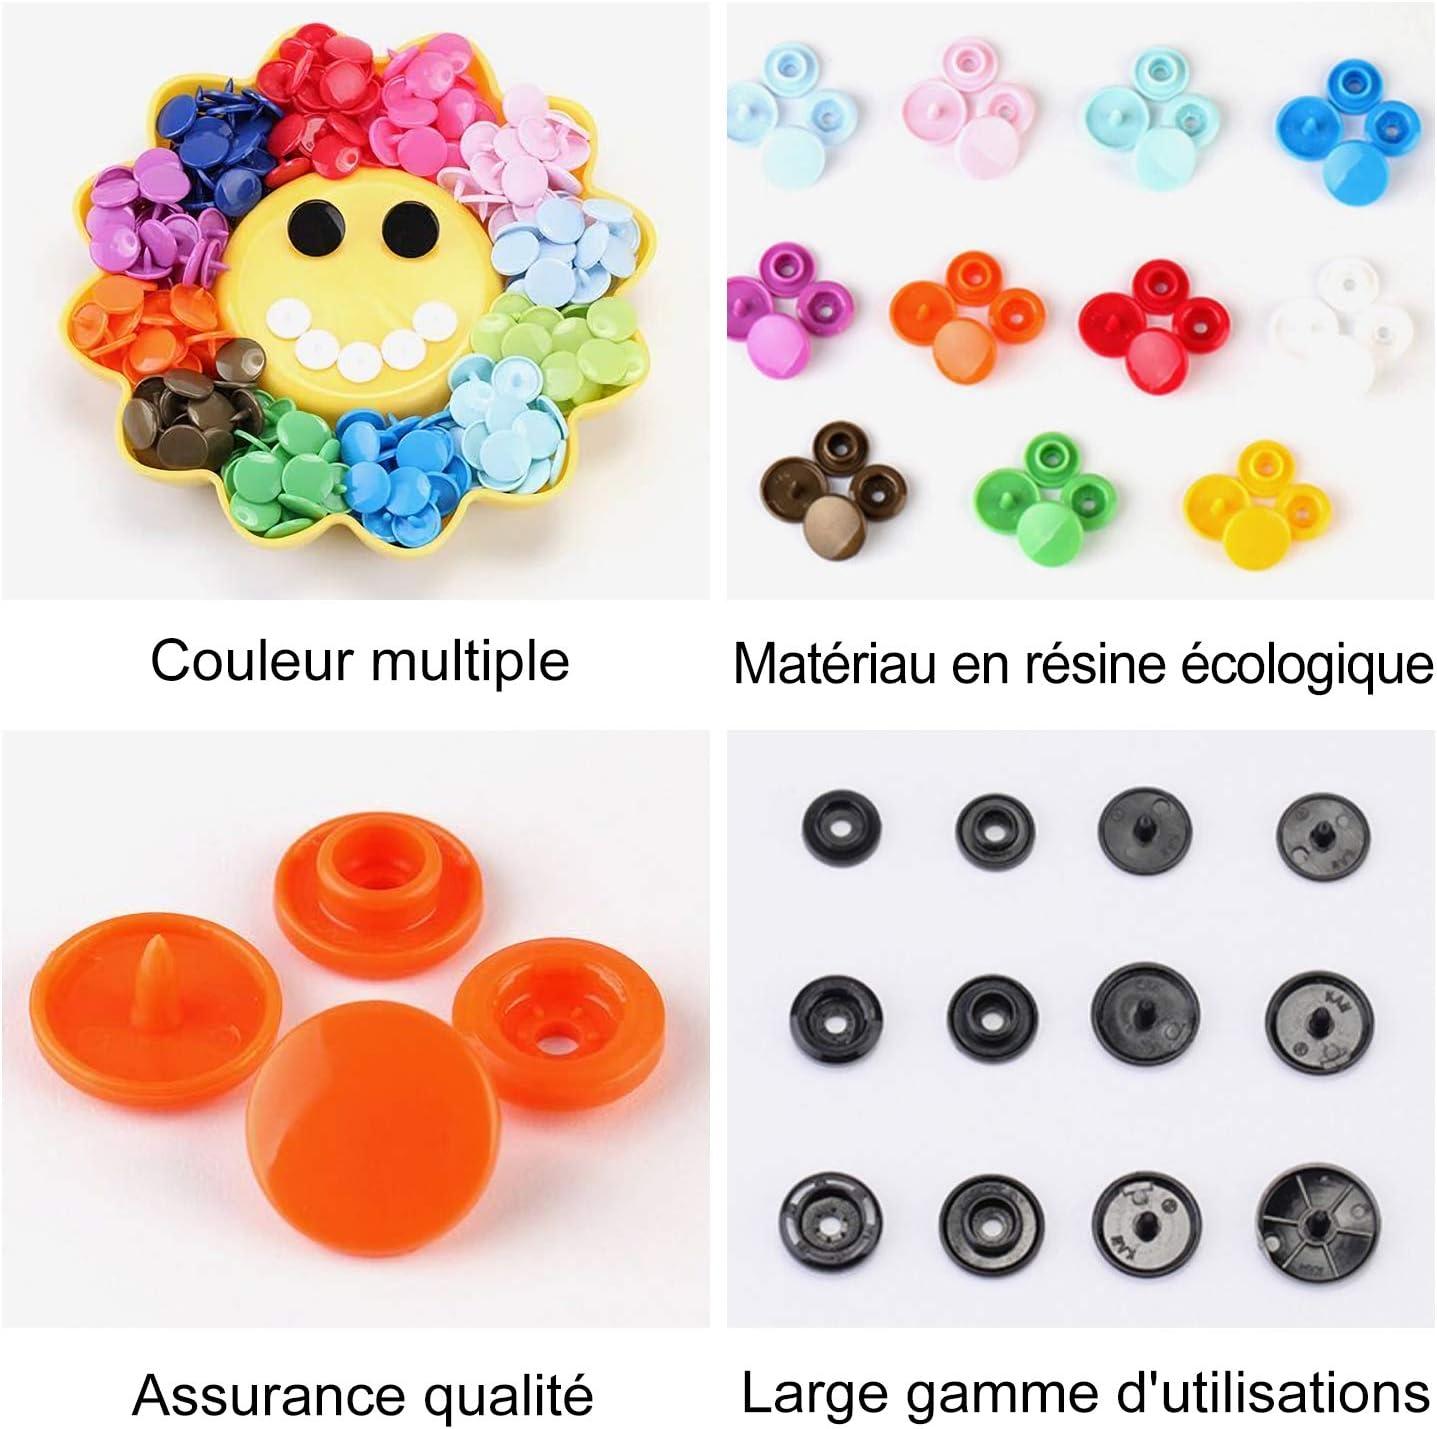 DODUOS 24 Couleurs Bouton Pression en r/ésine 360 Boutons Pression Pinces en Plastique Boutons pour Bricolage Artisanat Accessoires v/êtements pour Enfants